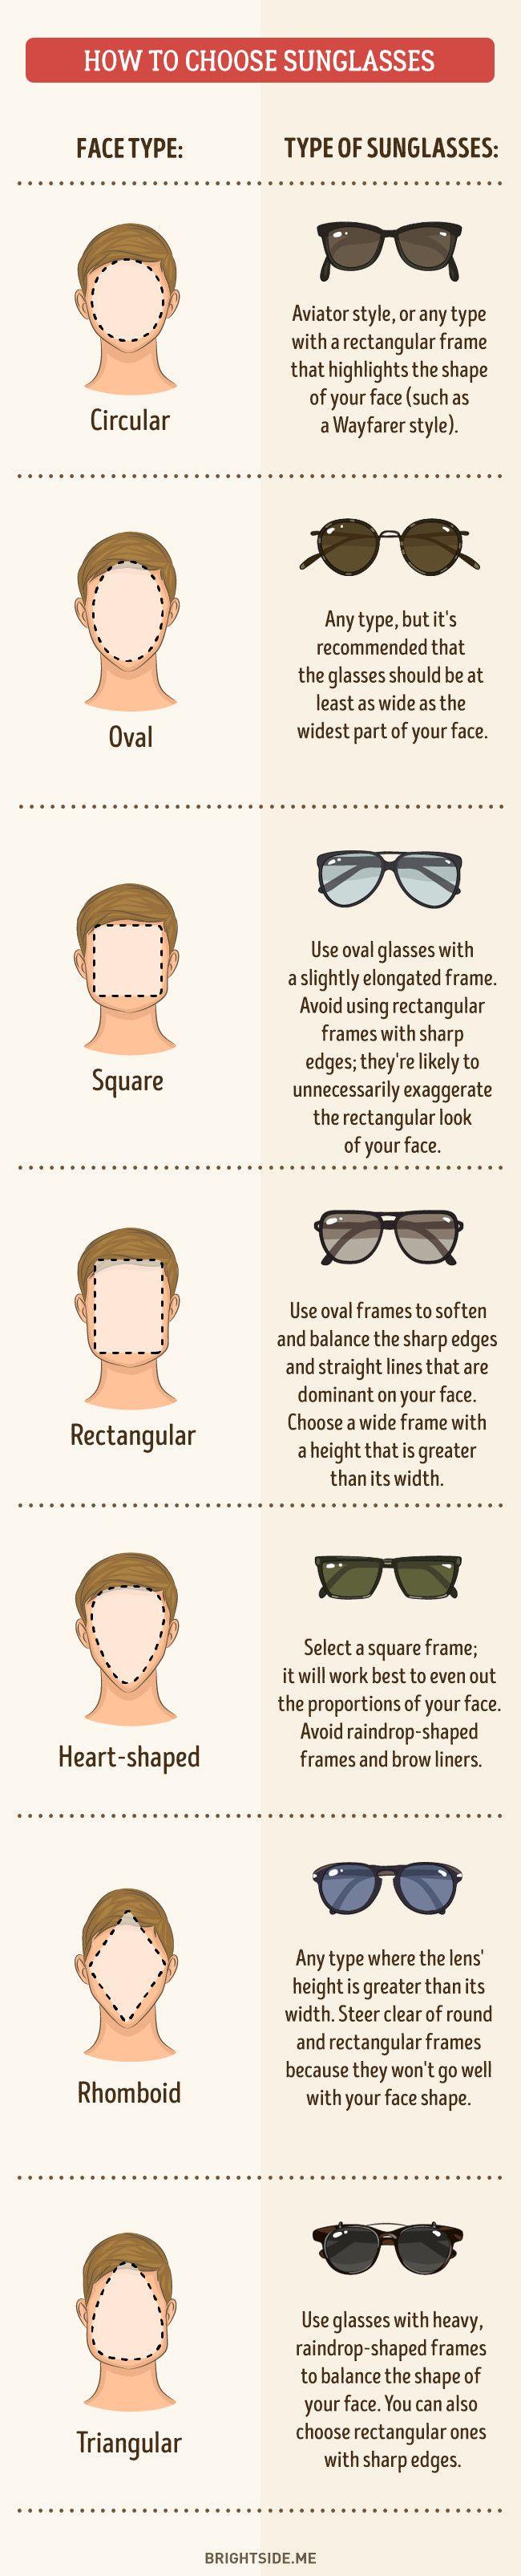 Kies je type zonnebril.